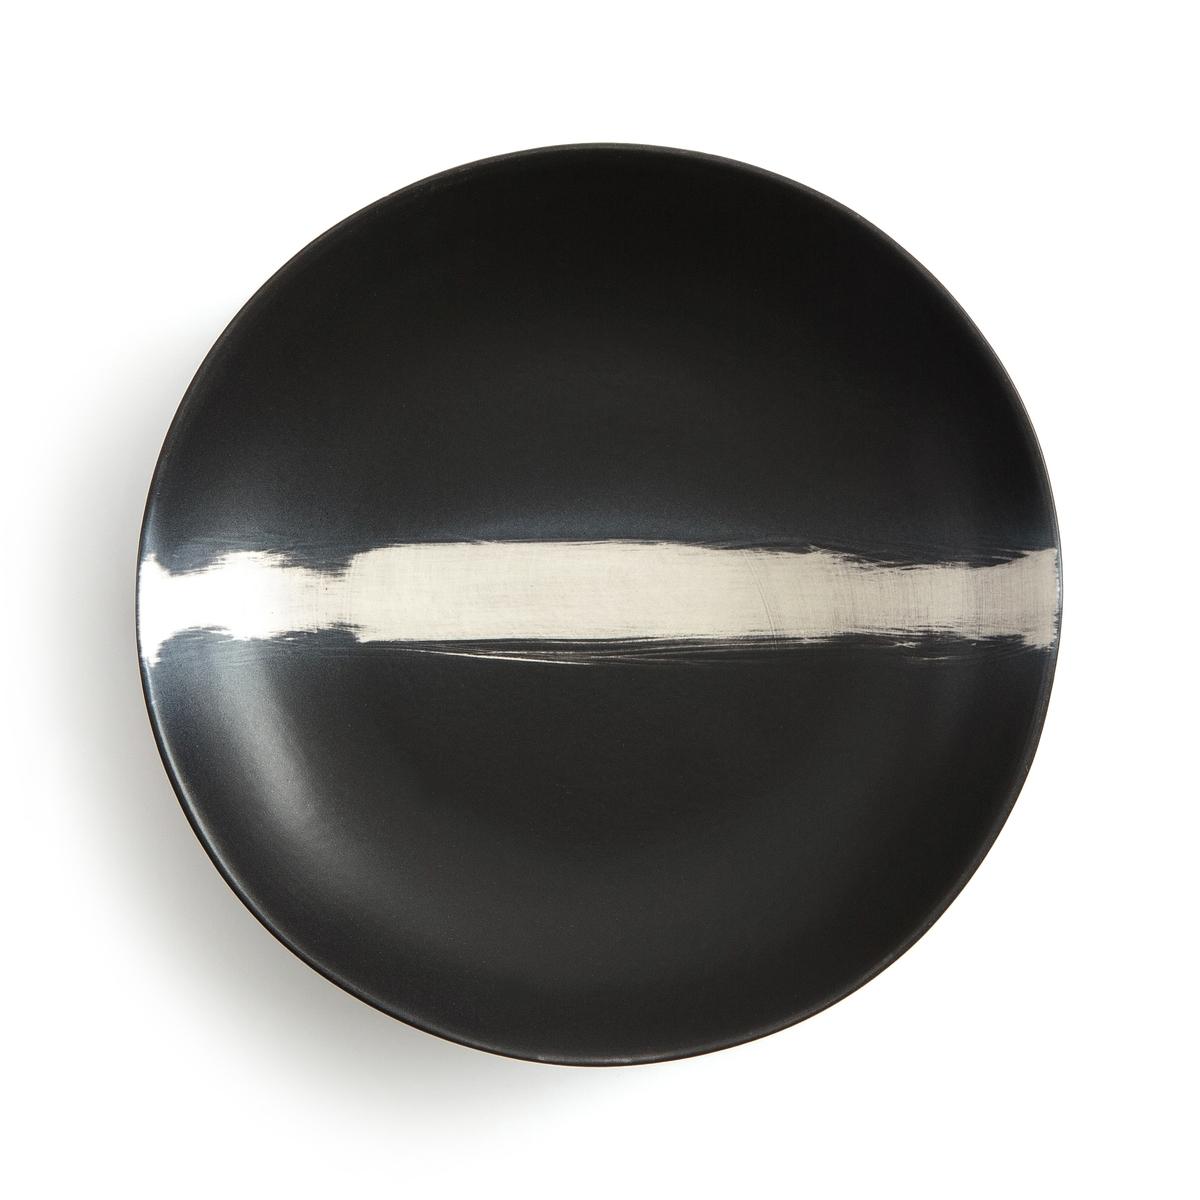 цена Комплект из 4 глубоких тарелок Satelati, дизайн В.Барковски